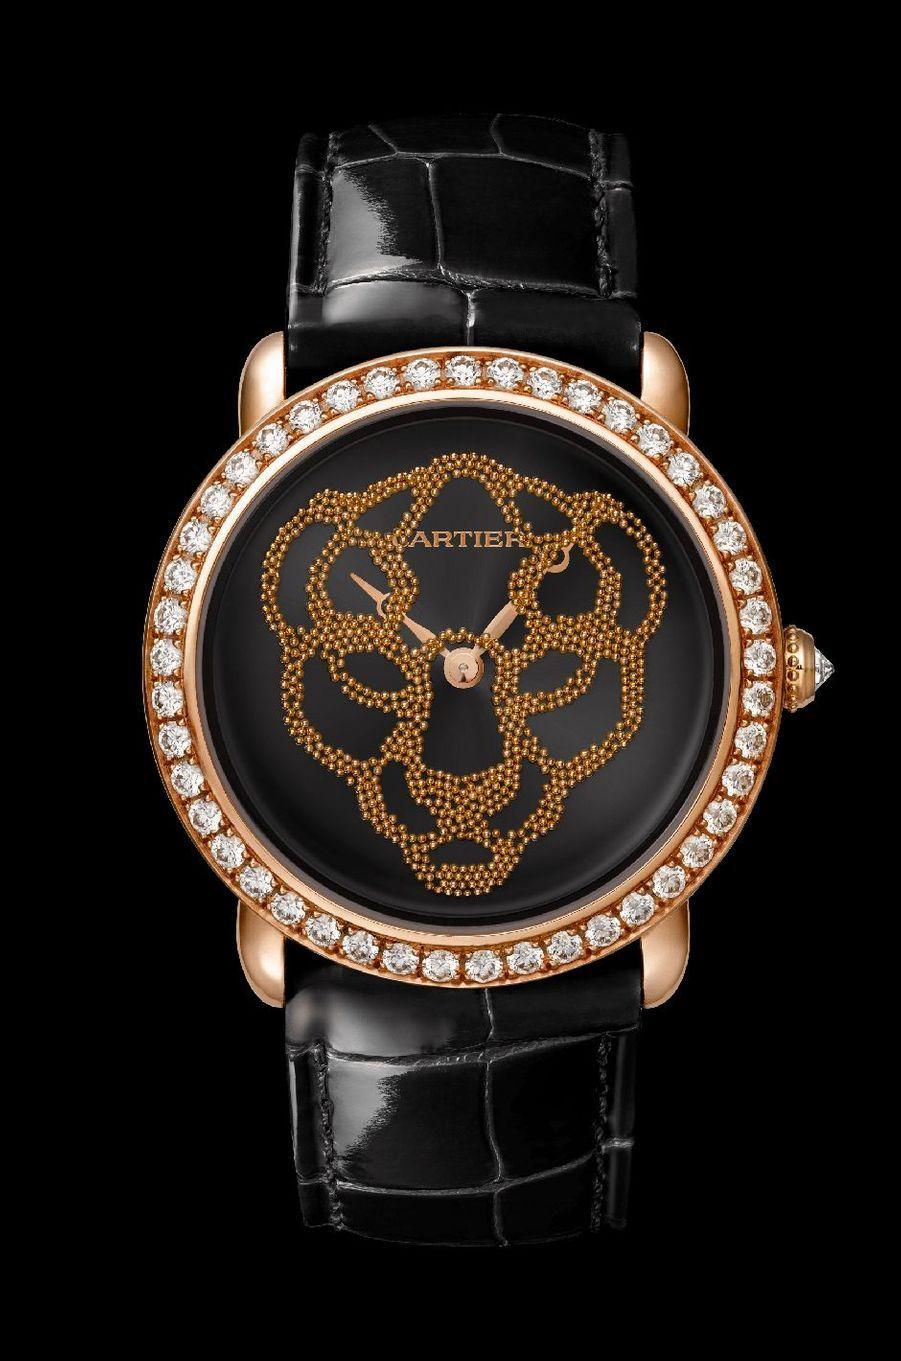 Révélation d'une Panthère en or rose, lunette sertie de diamants, 37 mm de diamètre, cadran représentant une panthère à l'aide de billes d'or qui forment progressivement le motif à la façon d'un sablier, mouvement à remontage manuel, bracelet en alligator. 108 000 €. Cartier.